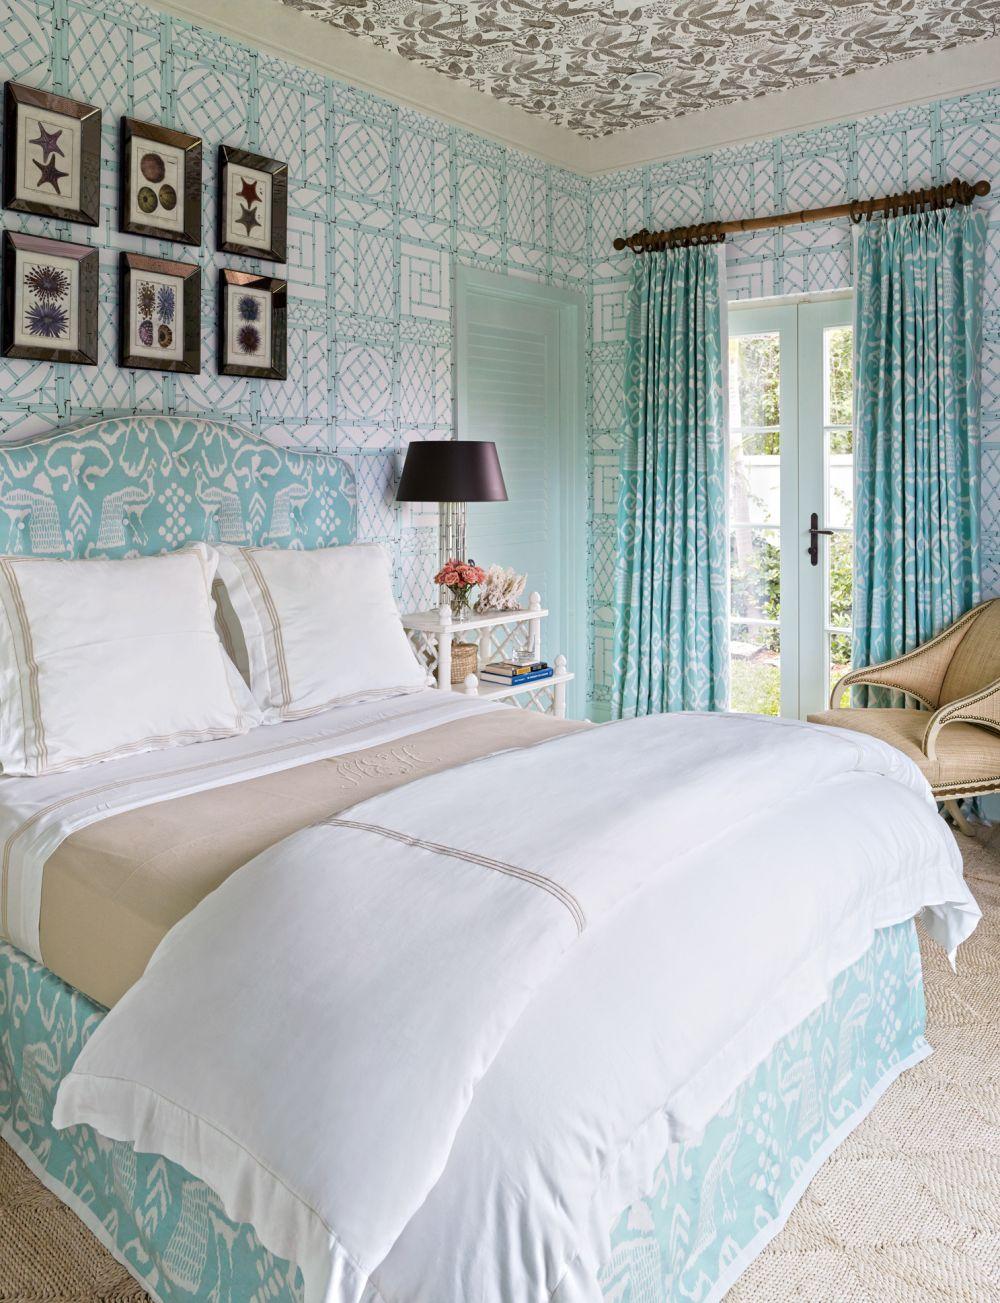 delightful luxus hausrenovierung schone sammlung von blaue schlafzimmer interieur #1: #Schlafzimmer 2018 21 schöne Sammlung von bunten blauen Schlafzimmer  Interieur #Dekoration-Ideen #